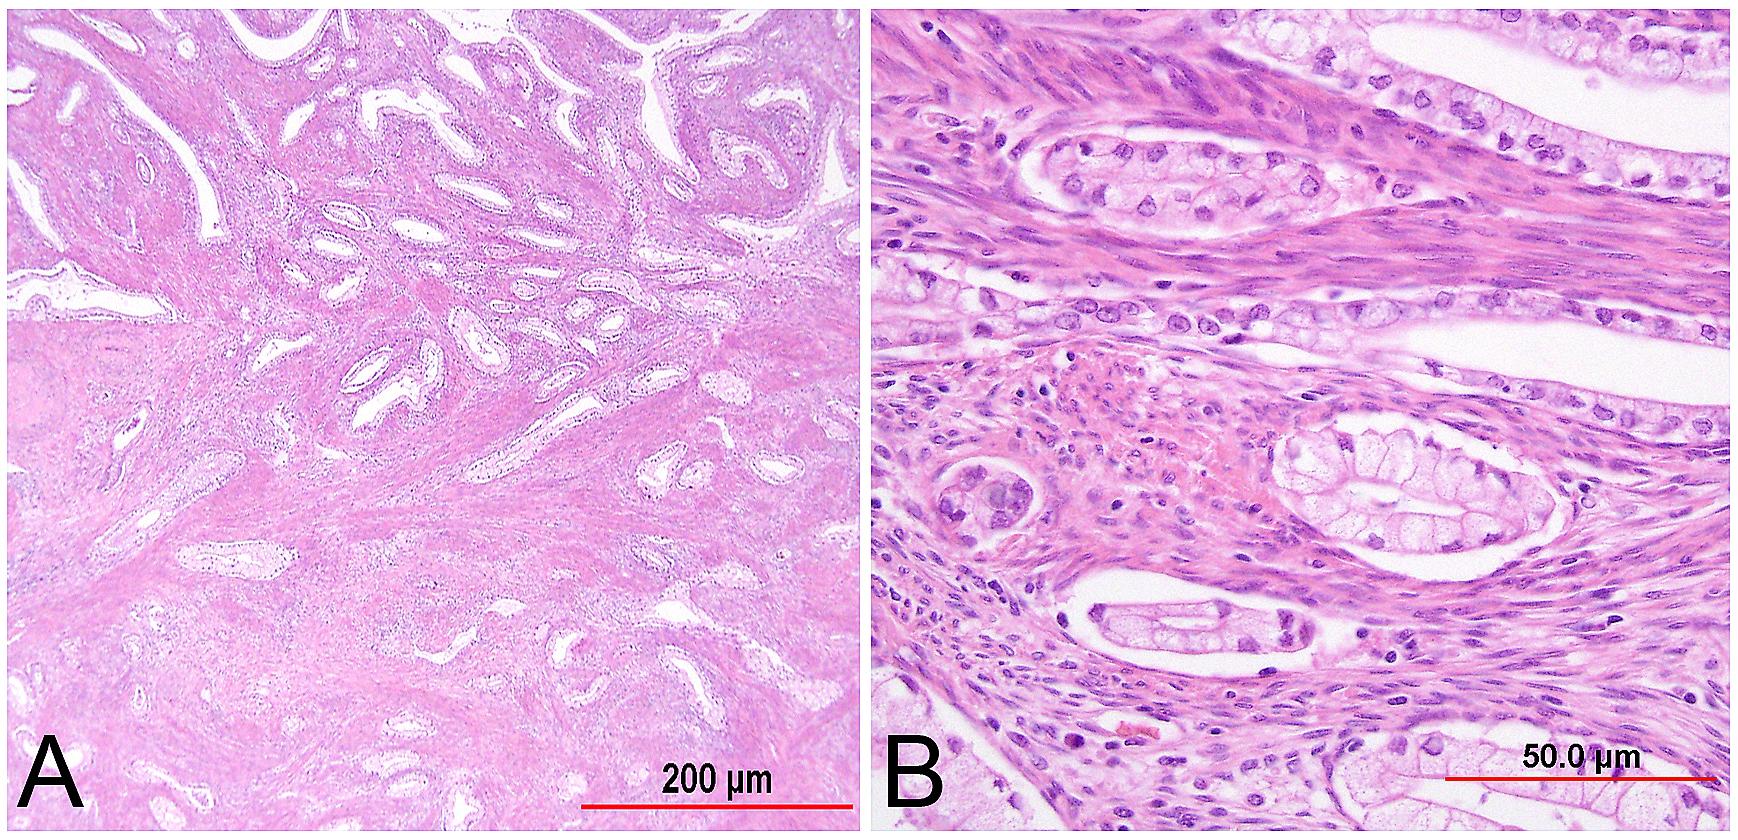 Pathology of Cervical Carcinoma | GLOWM